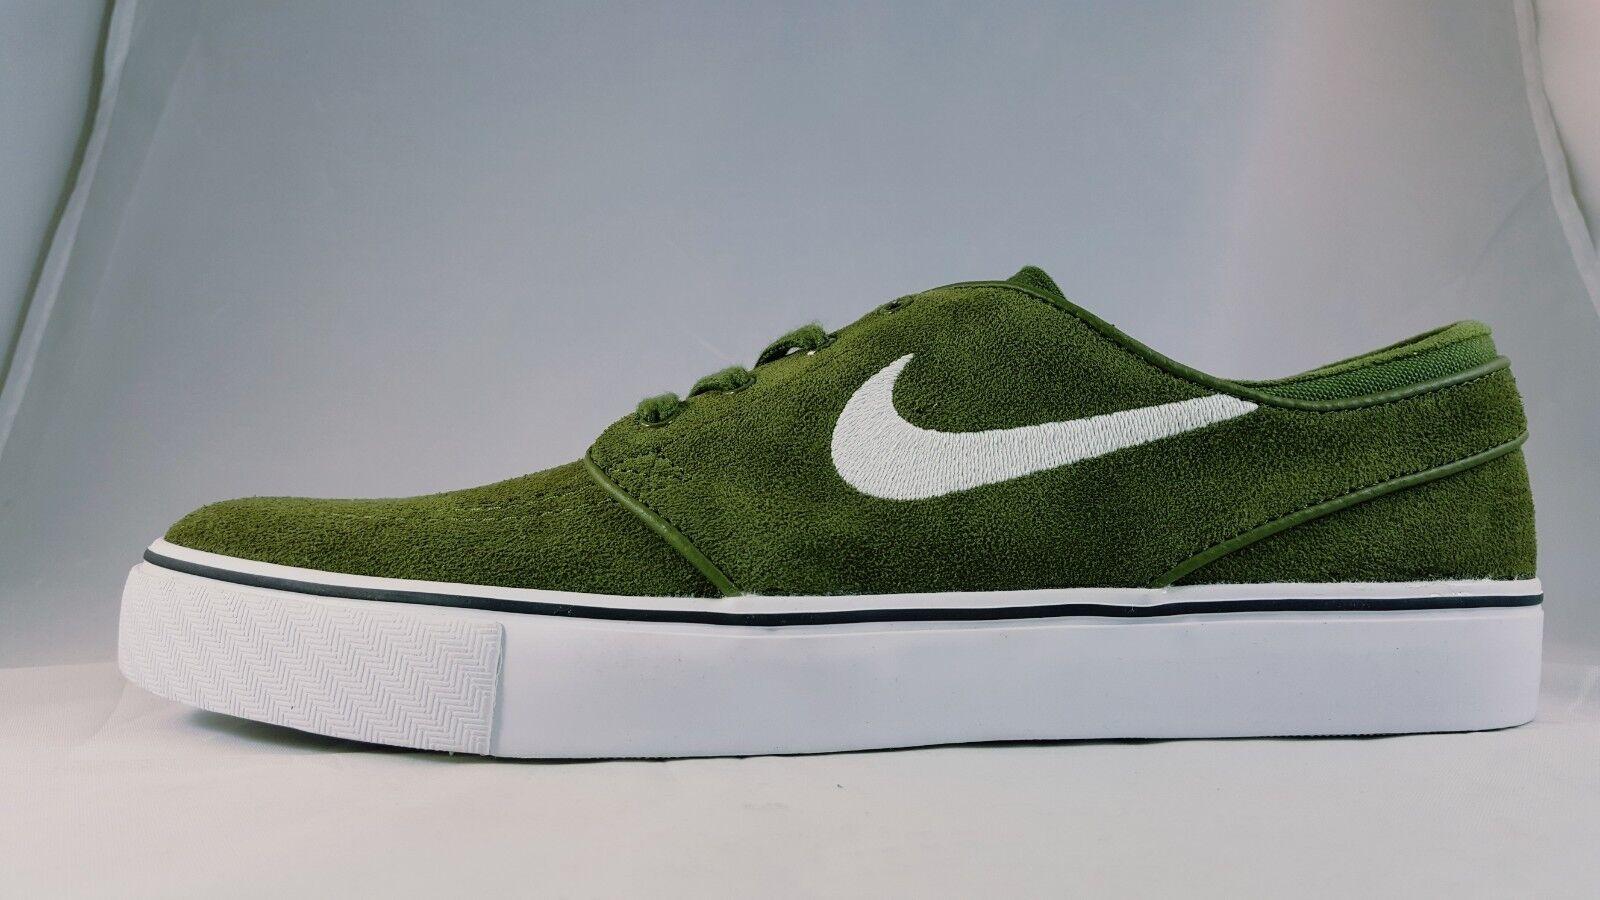 Nike Uomo aria zoom struttura 20 leggero scarpe da corsa, scarpe bhfo 5055 grigio scuro / bianco / blu e grigio / blu